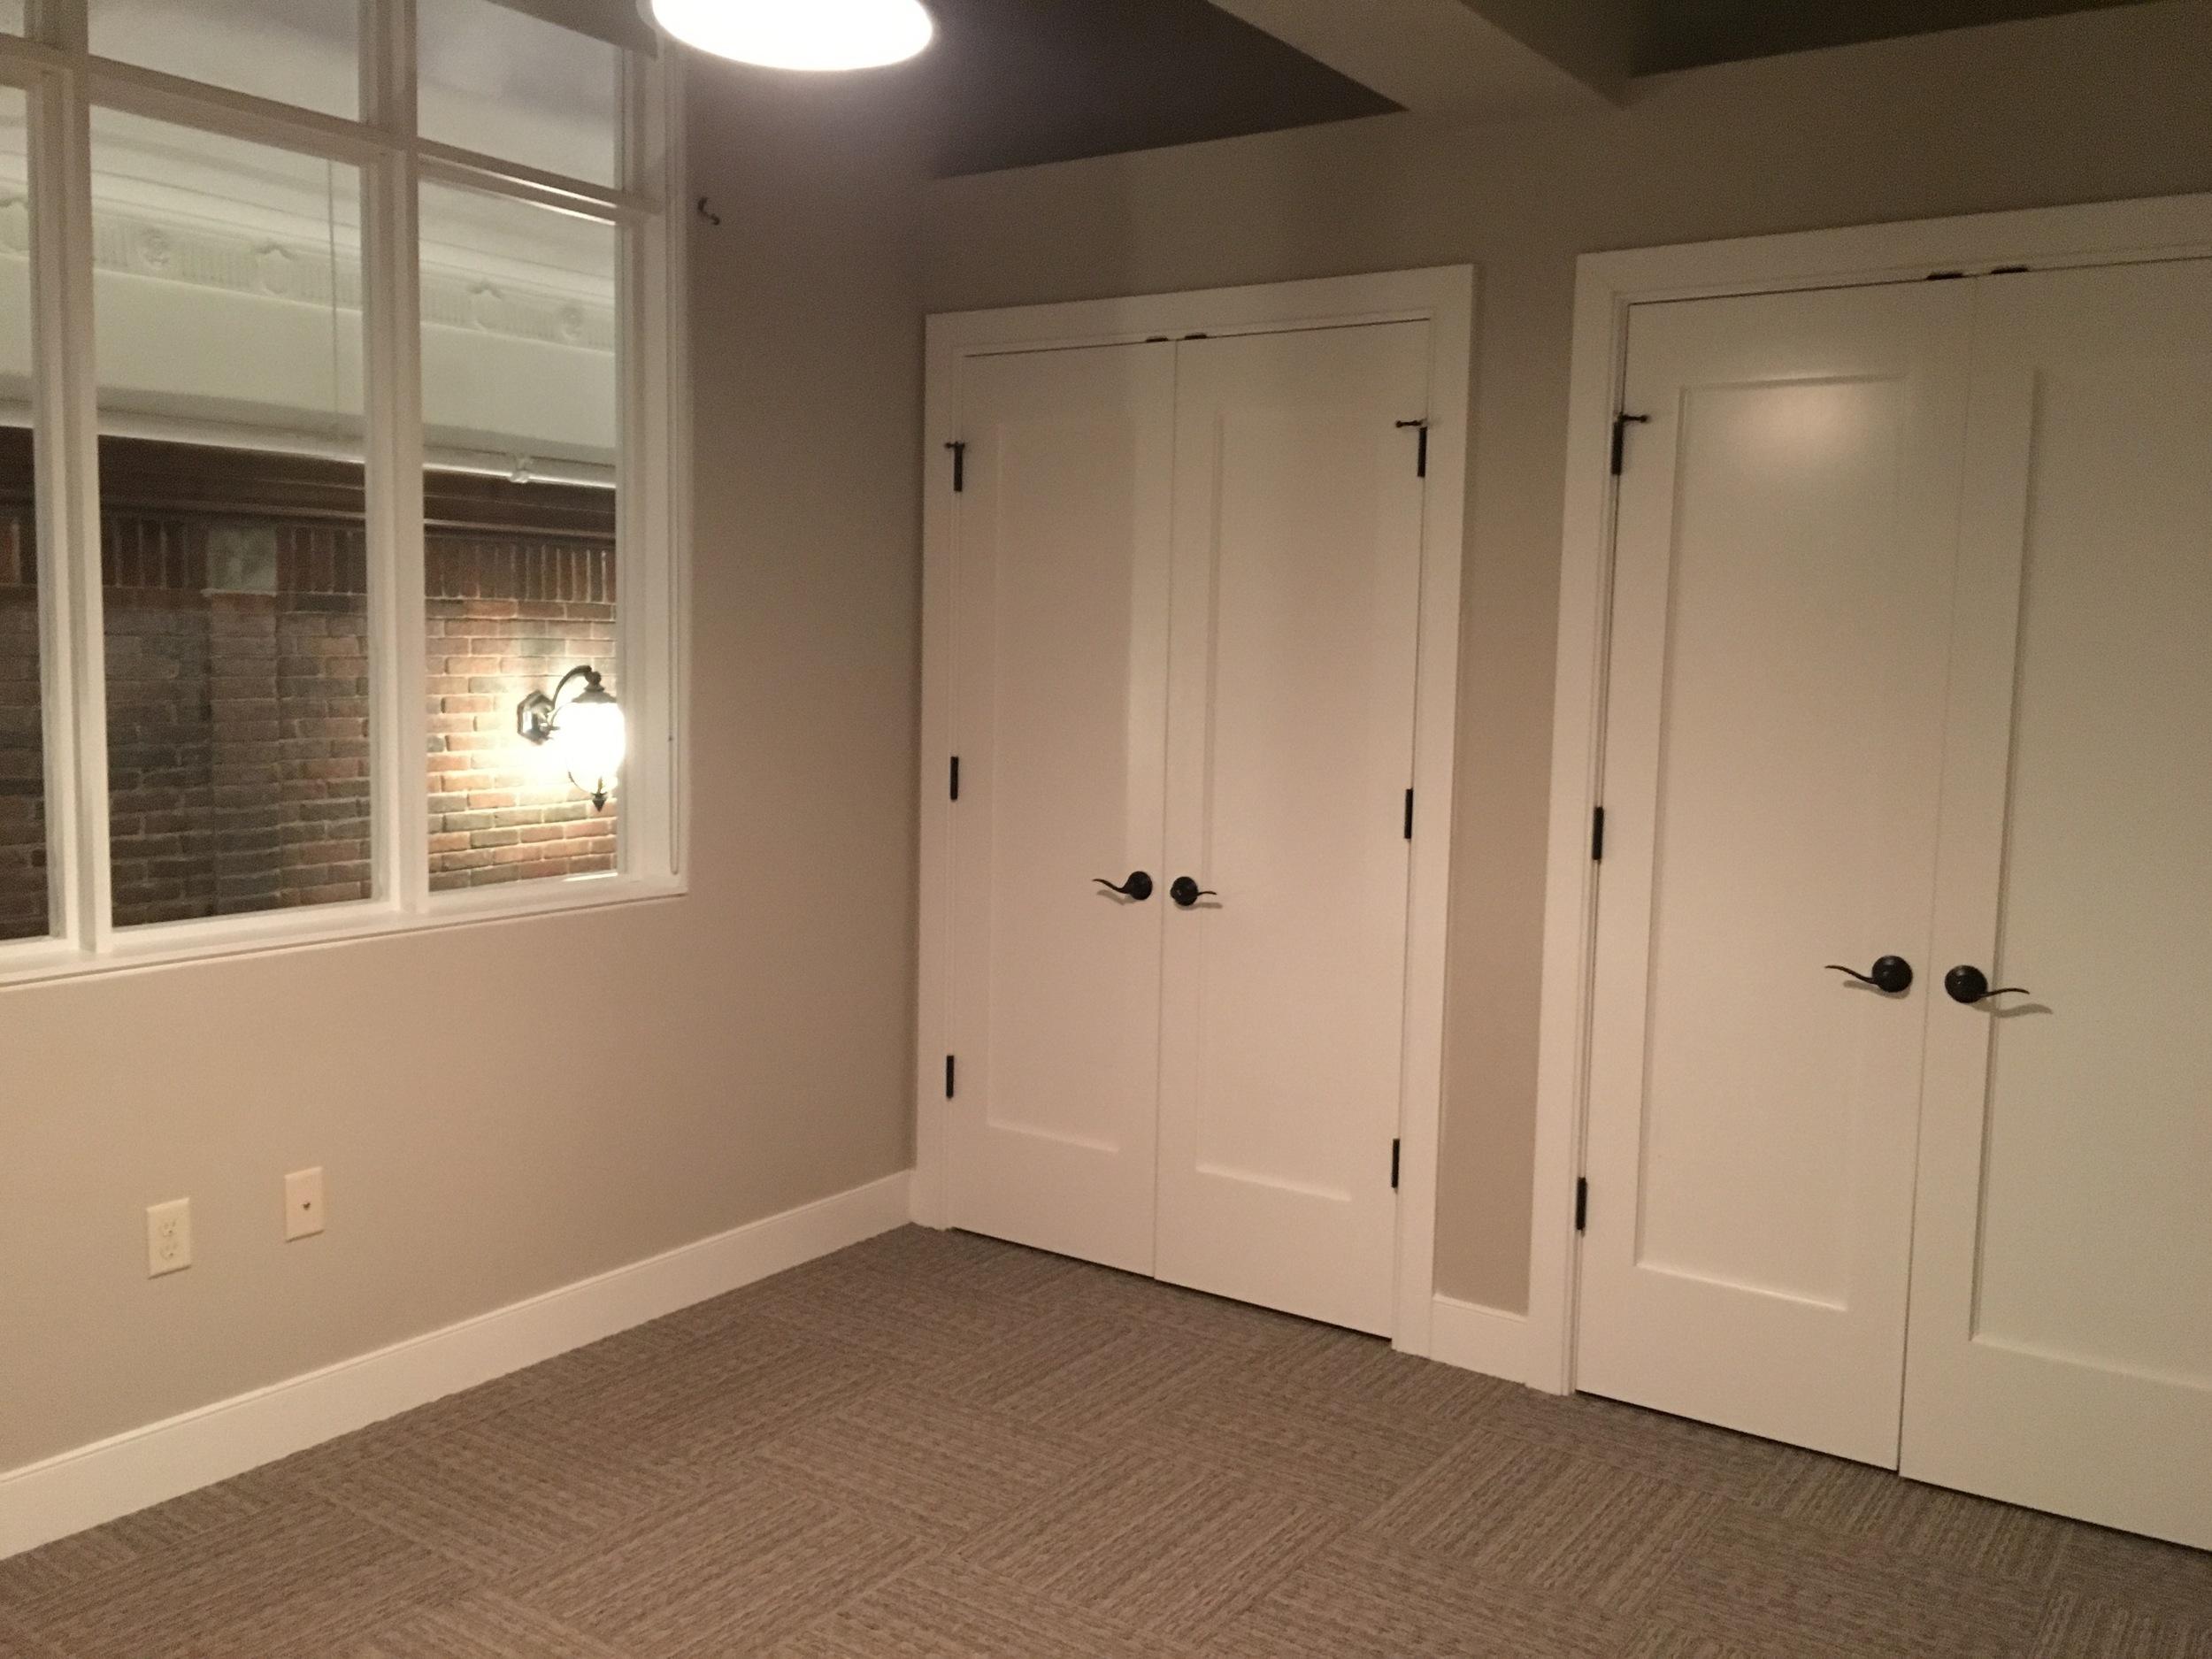 Second floor master bedroom with a window overlooking the hallway.